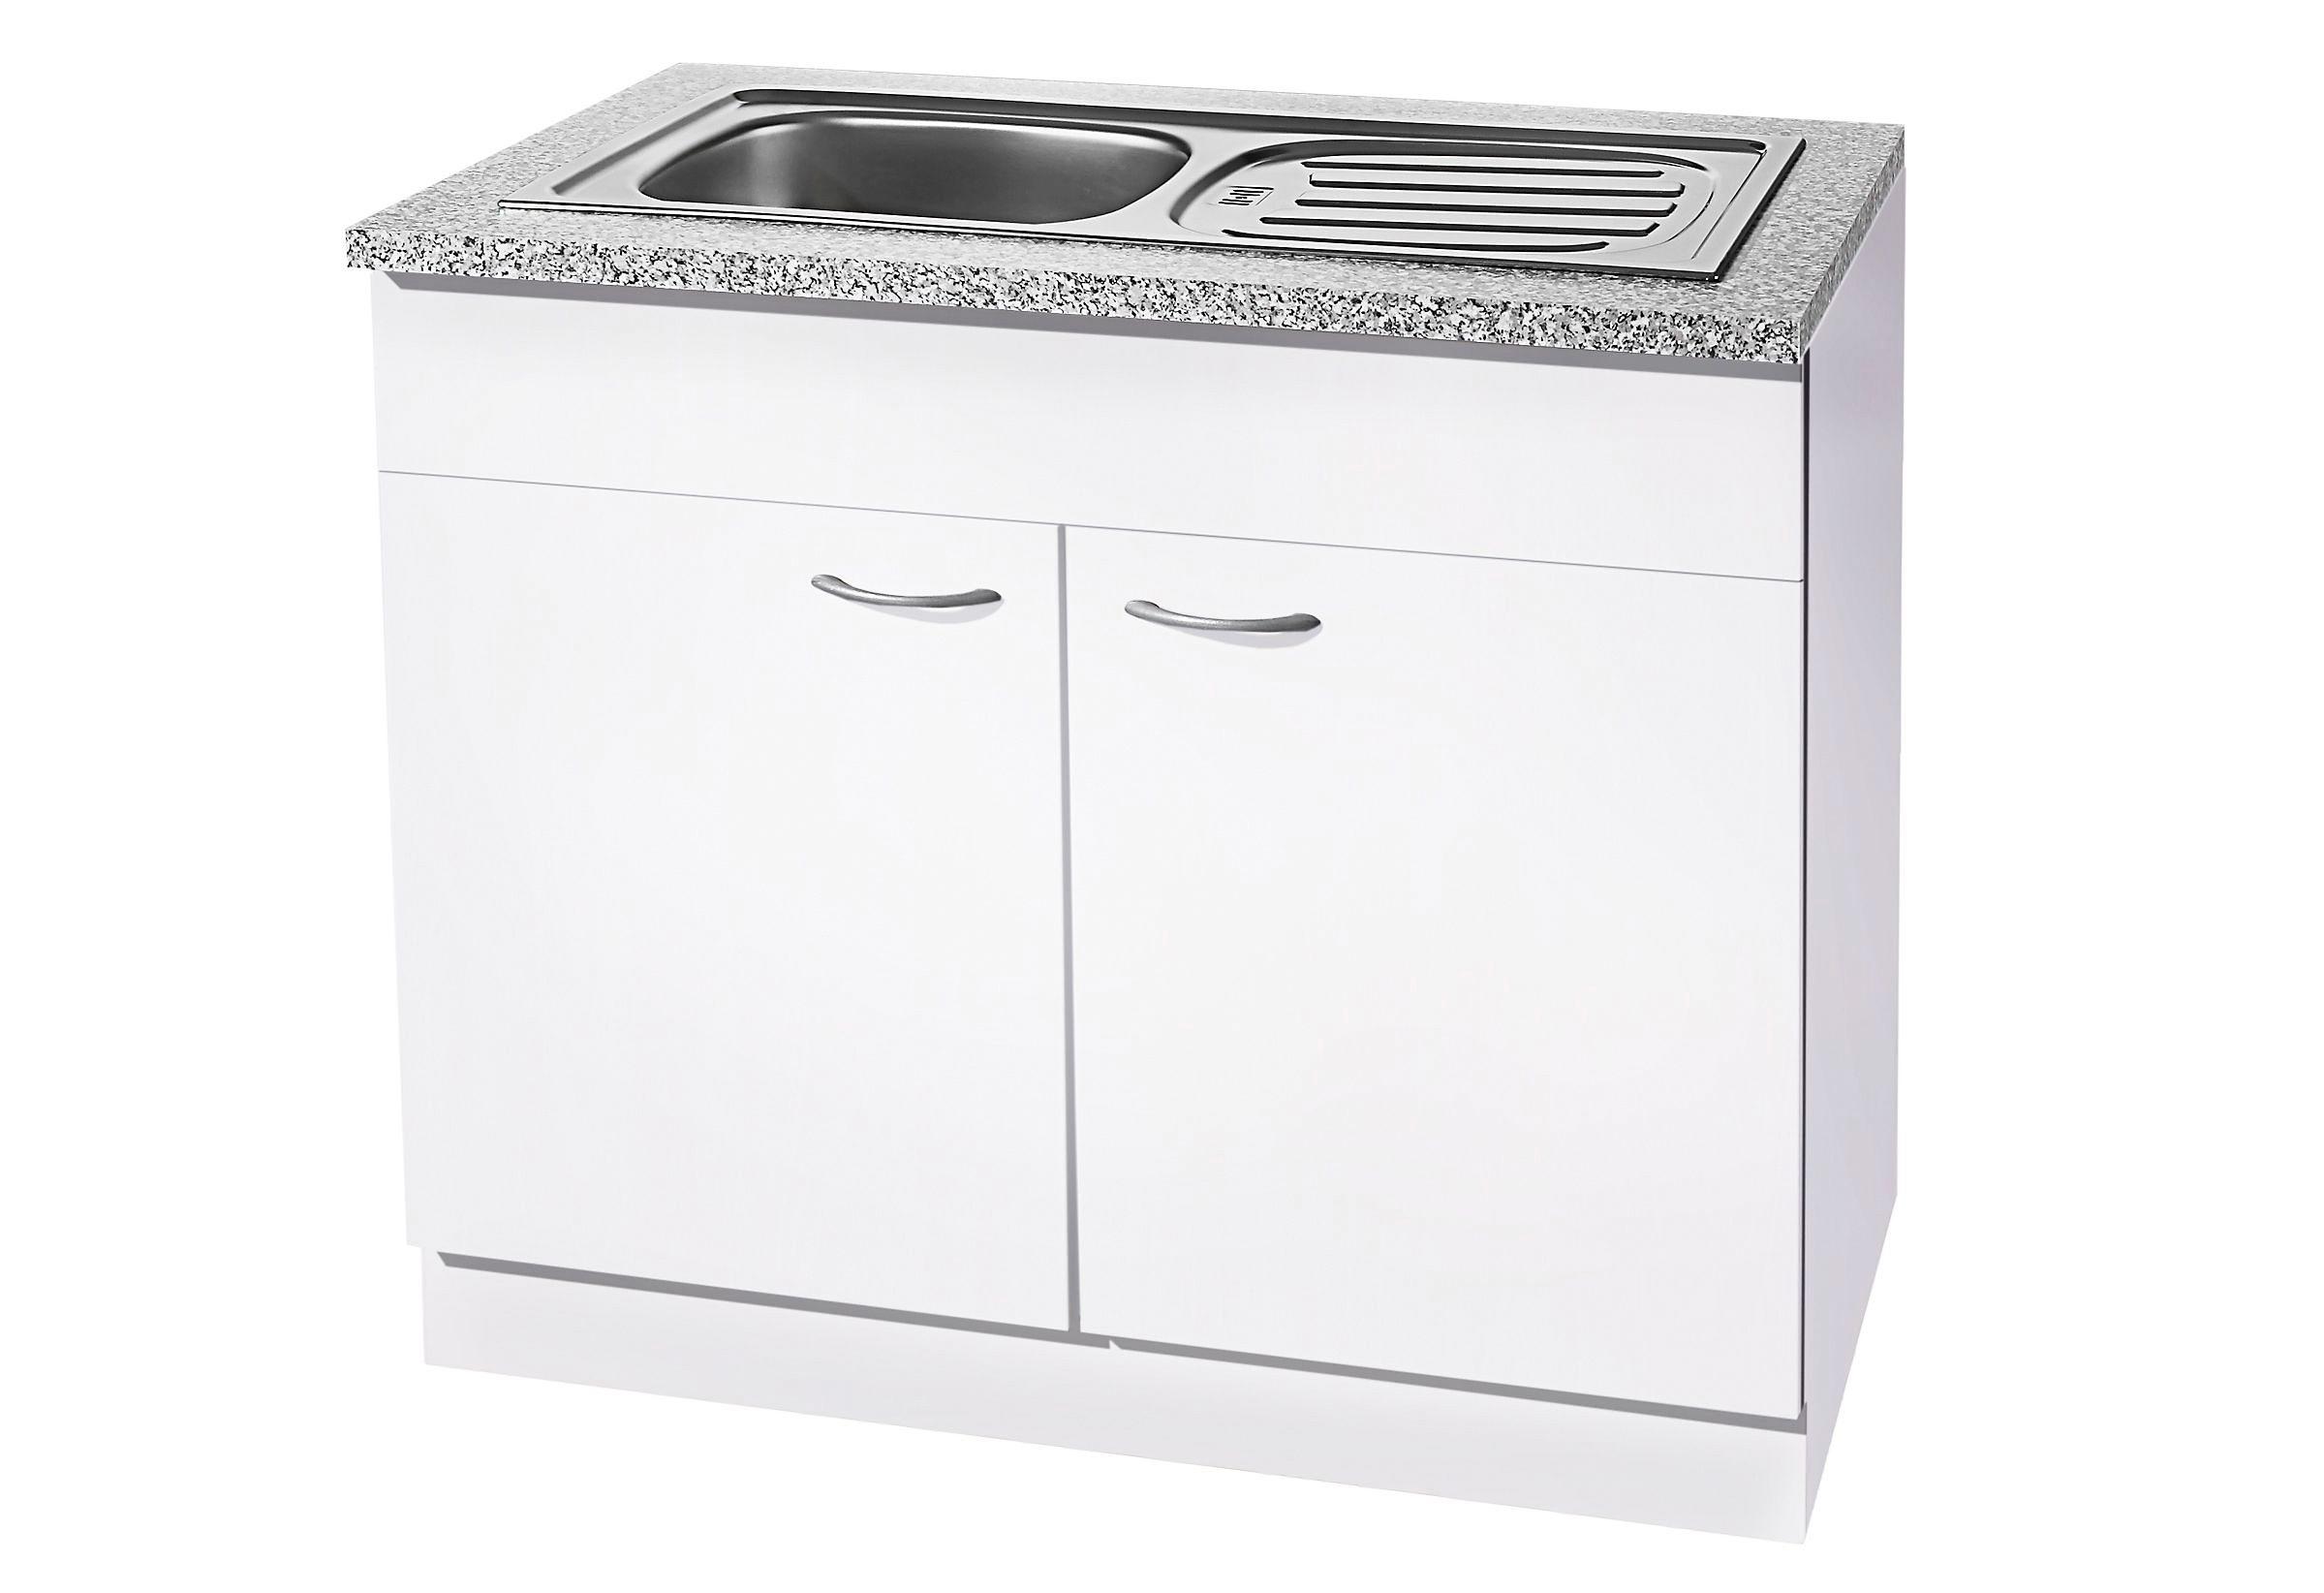 Waschmaschinenschrank Otto : Spülenschrank online kaufen spülenunterschrank otto